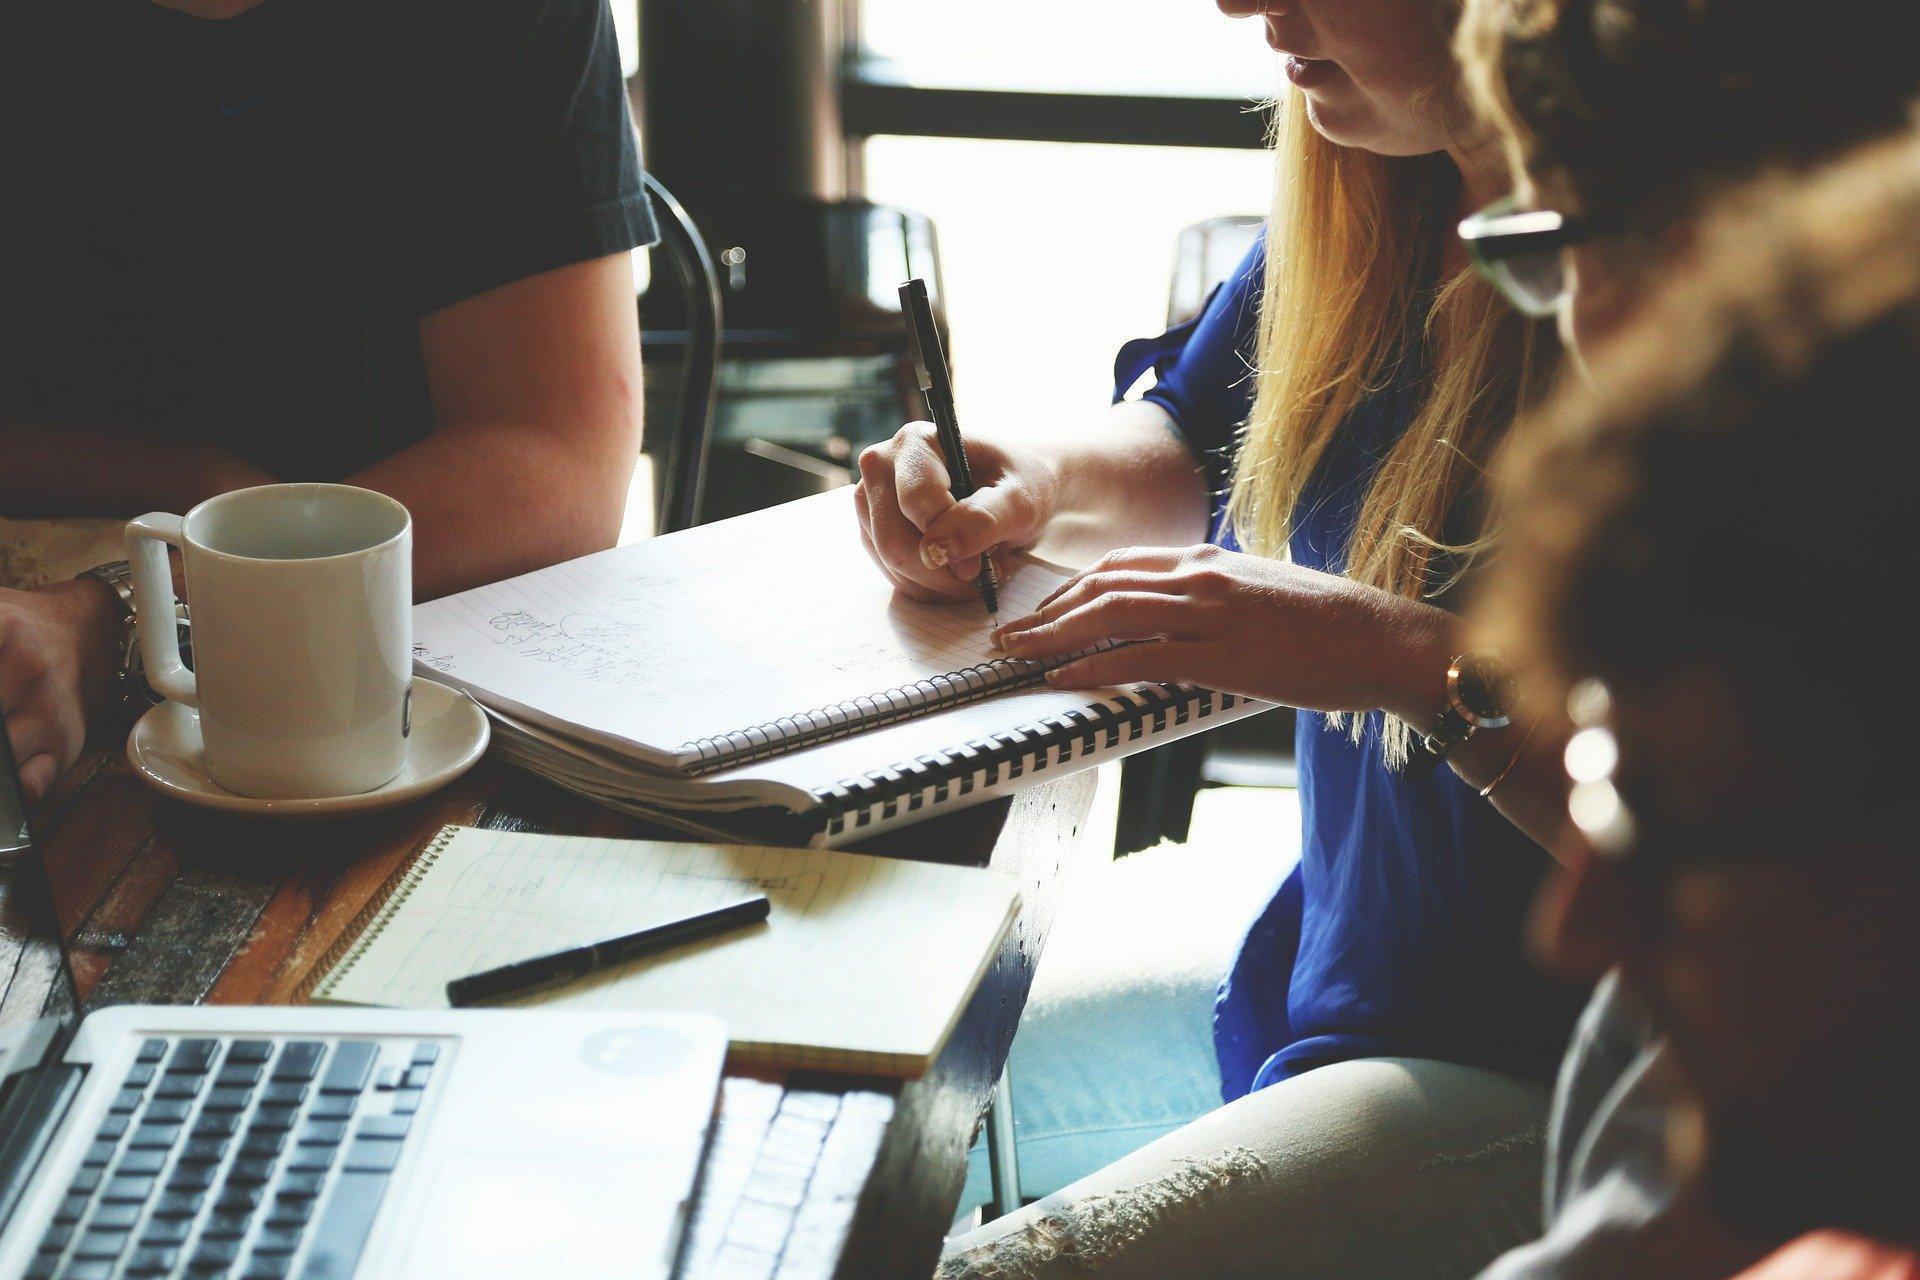 Brainstorming-Methoden sollen helfen, den Ideenfindungsprozess zu strukturieren und alle Aspekte einzubeziehen.